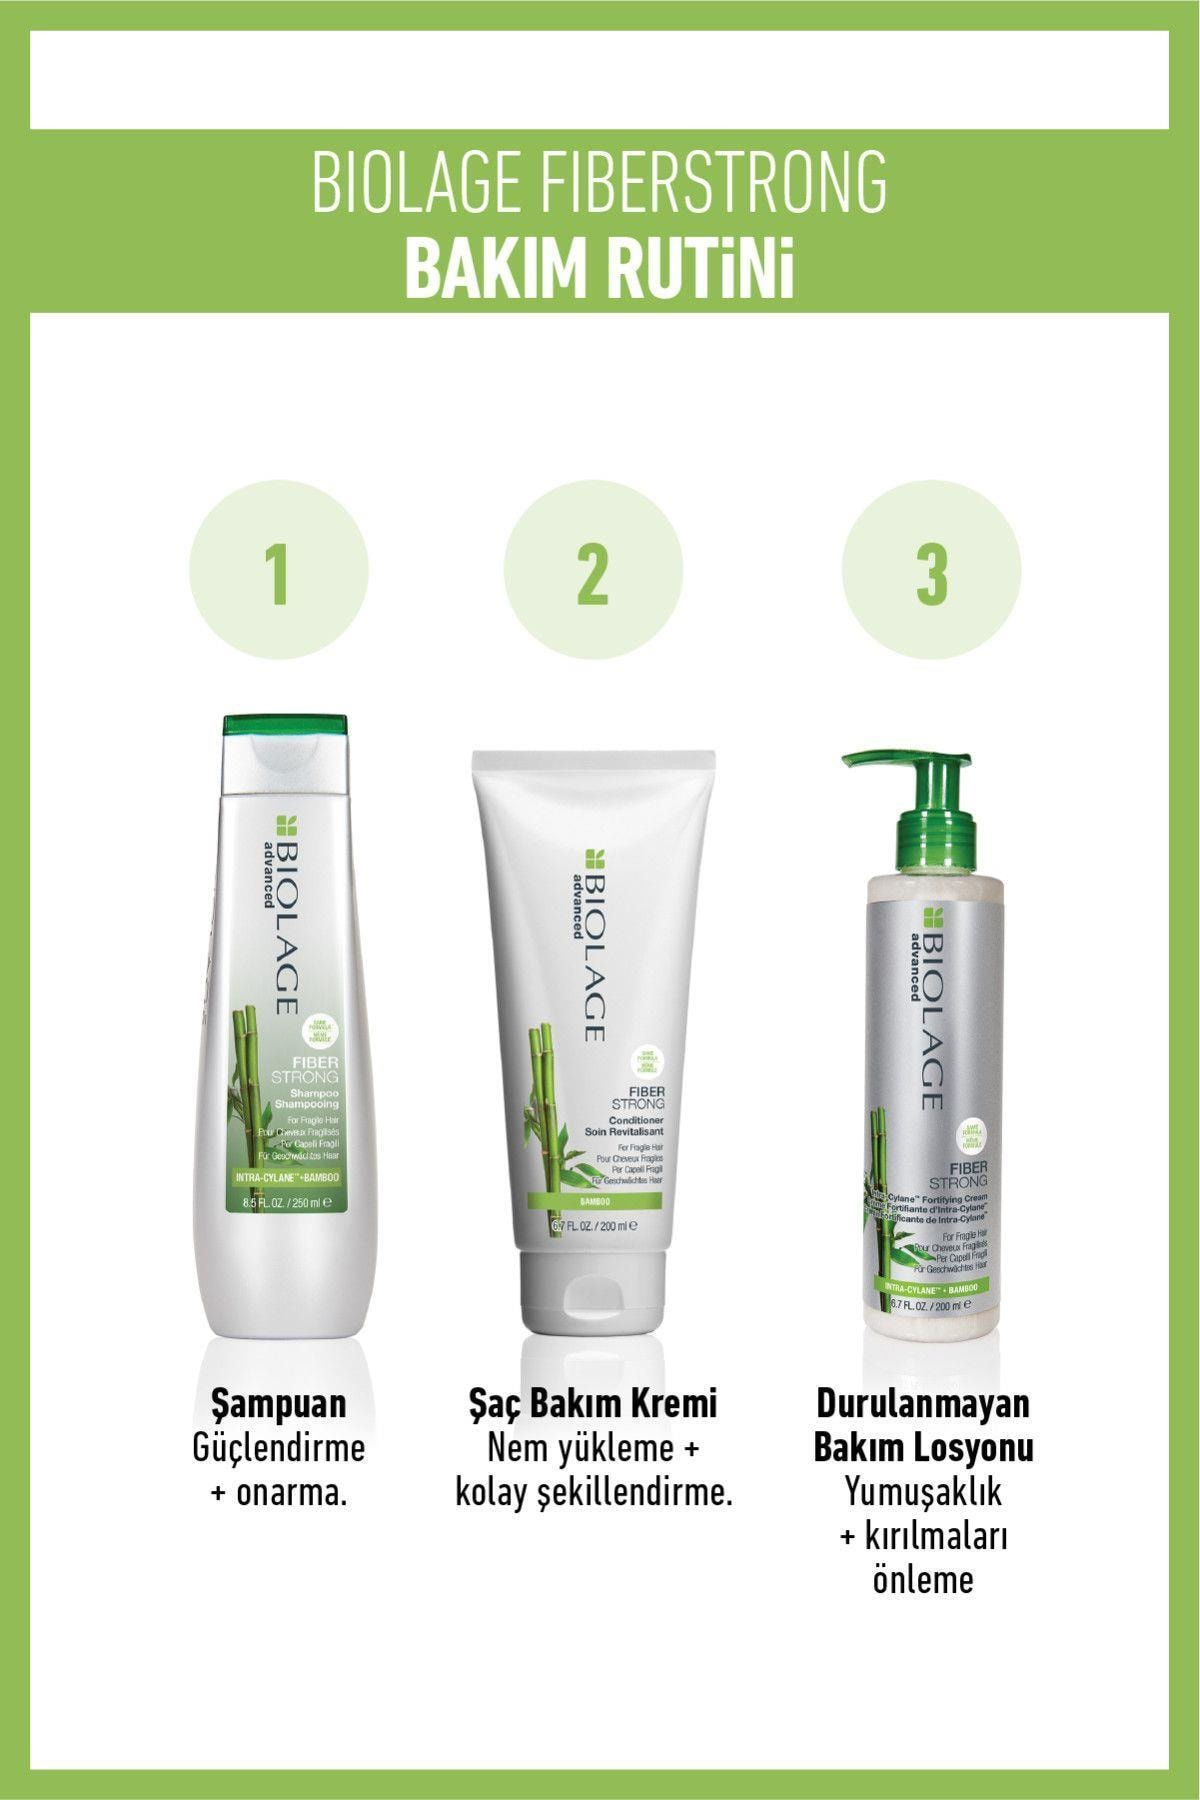 Biolage Fiberstrong Yıpranmış Kolay Kırılan Saçlar Için Güçlendirici Şampuan 250 ml 3